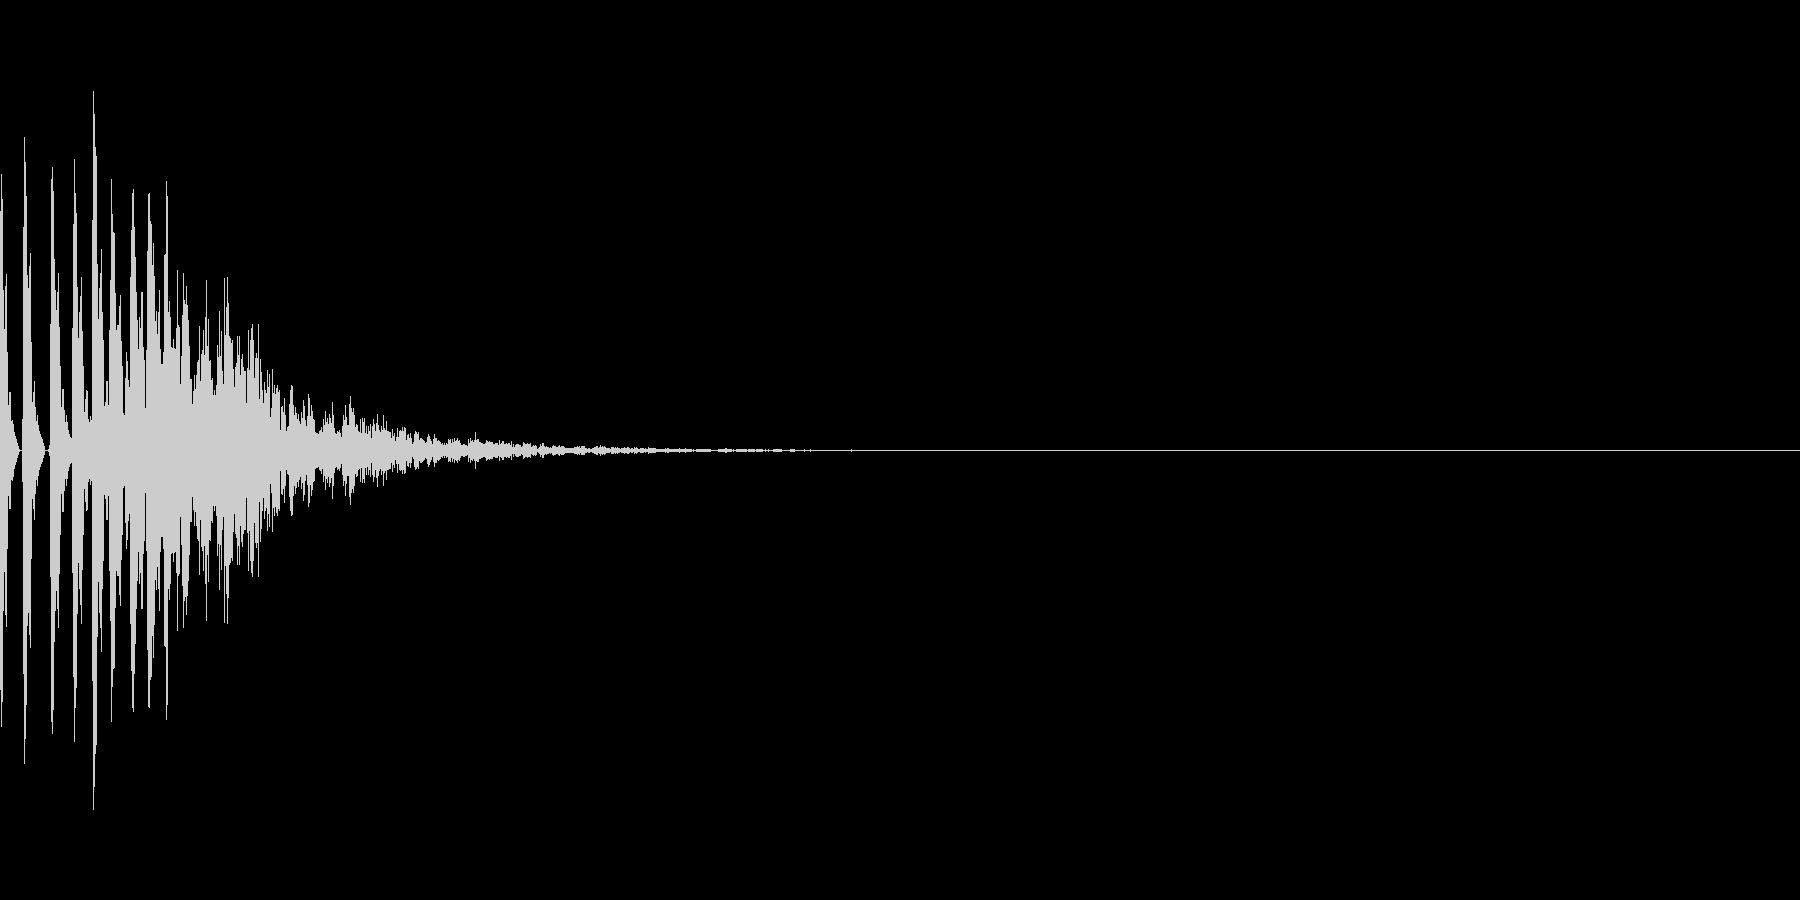 木製のコツコツしたシステム音の未再生の波形